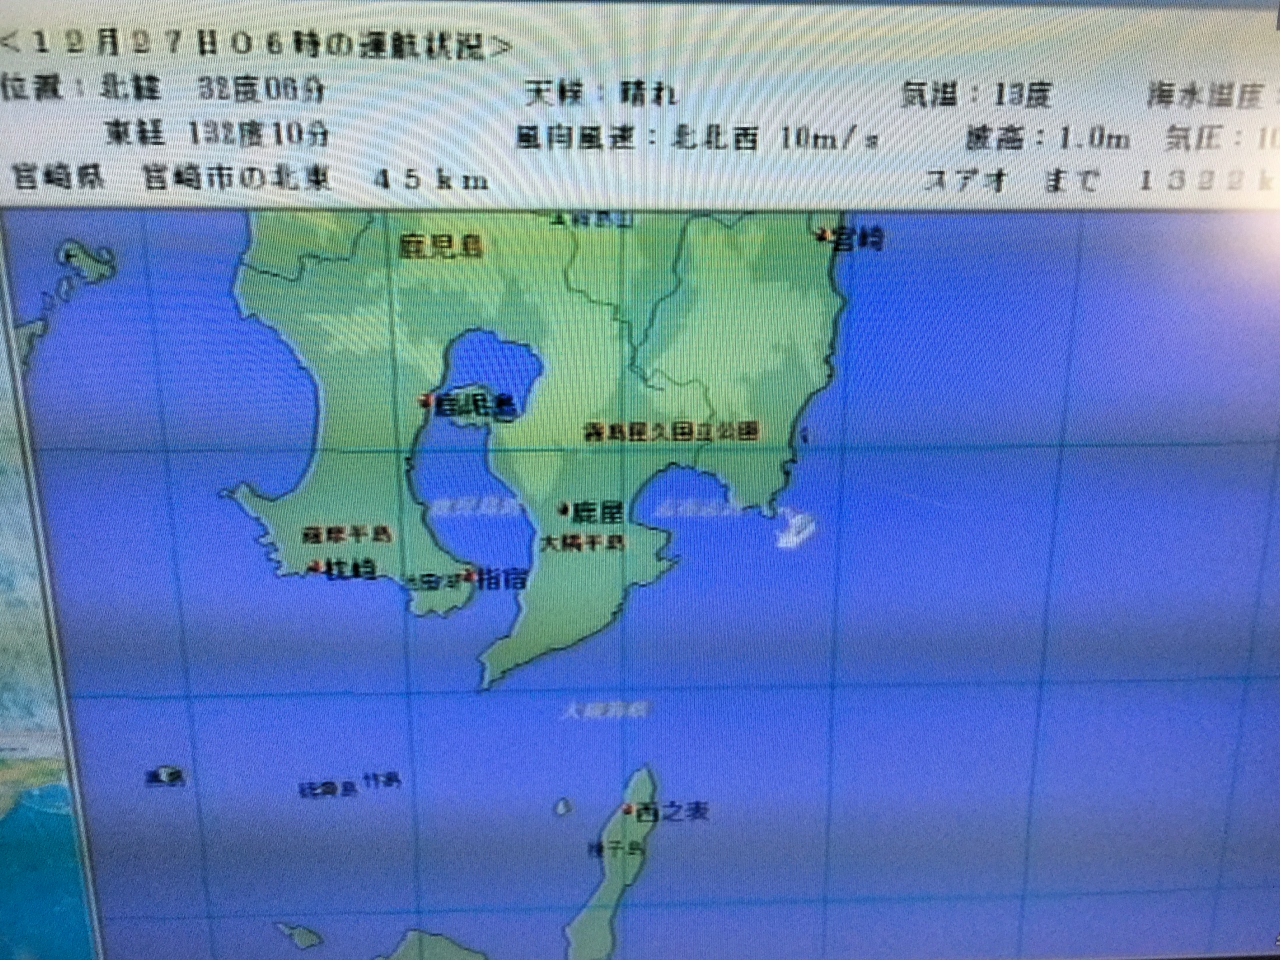 豪華客船でニューイヤークルーズしてきました Part.2:神戸港〜終日航海船上での過ごし方